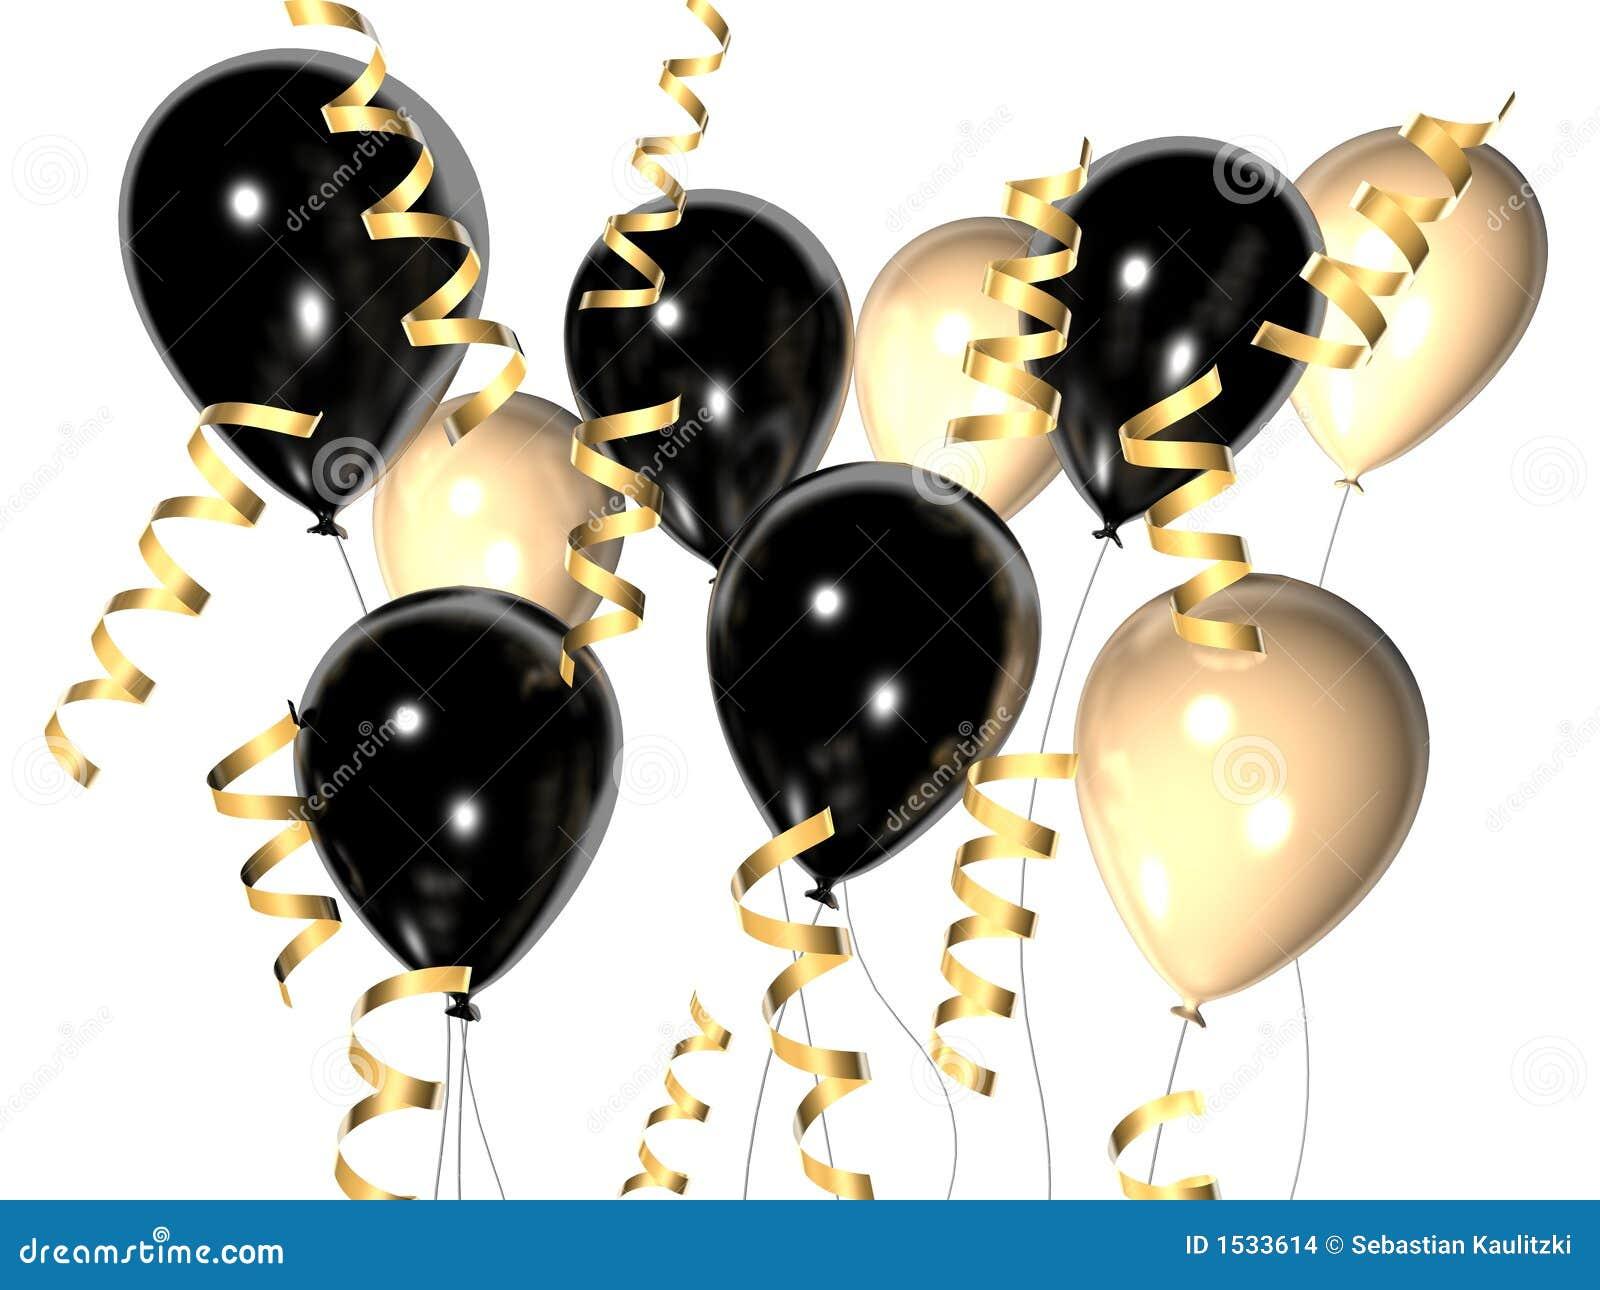 ballon noir et blanc illustration stock image du gonflez 1533614. Black Bedroom Furniture Sets. Home Design Ideas